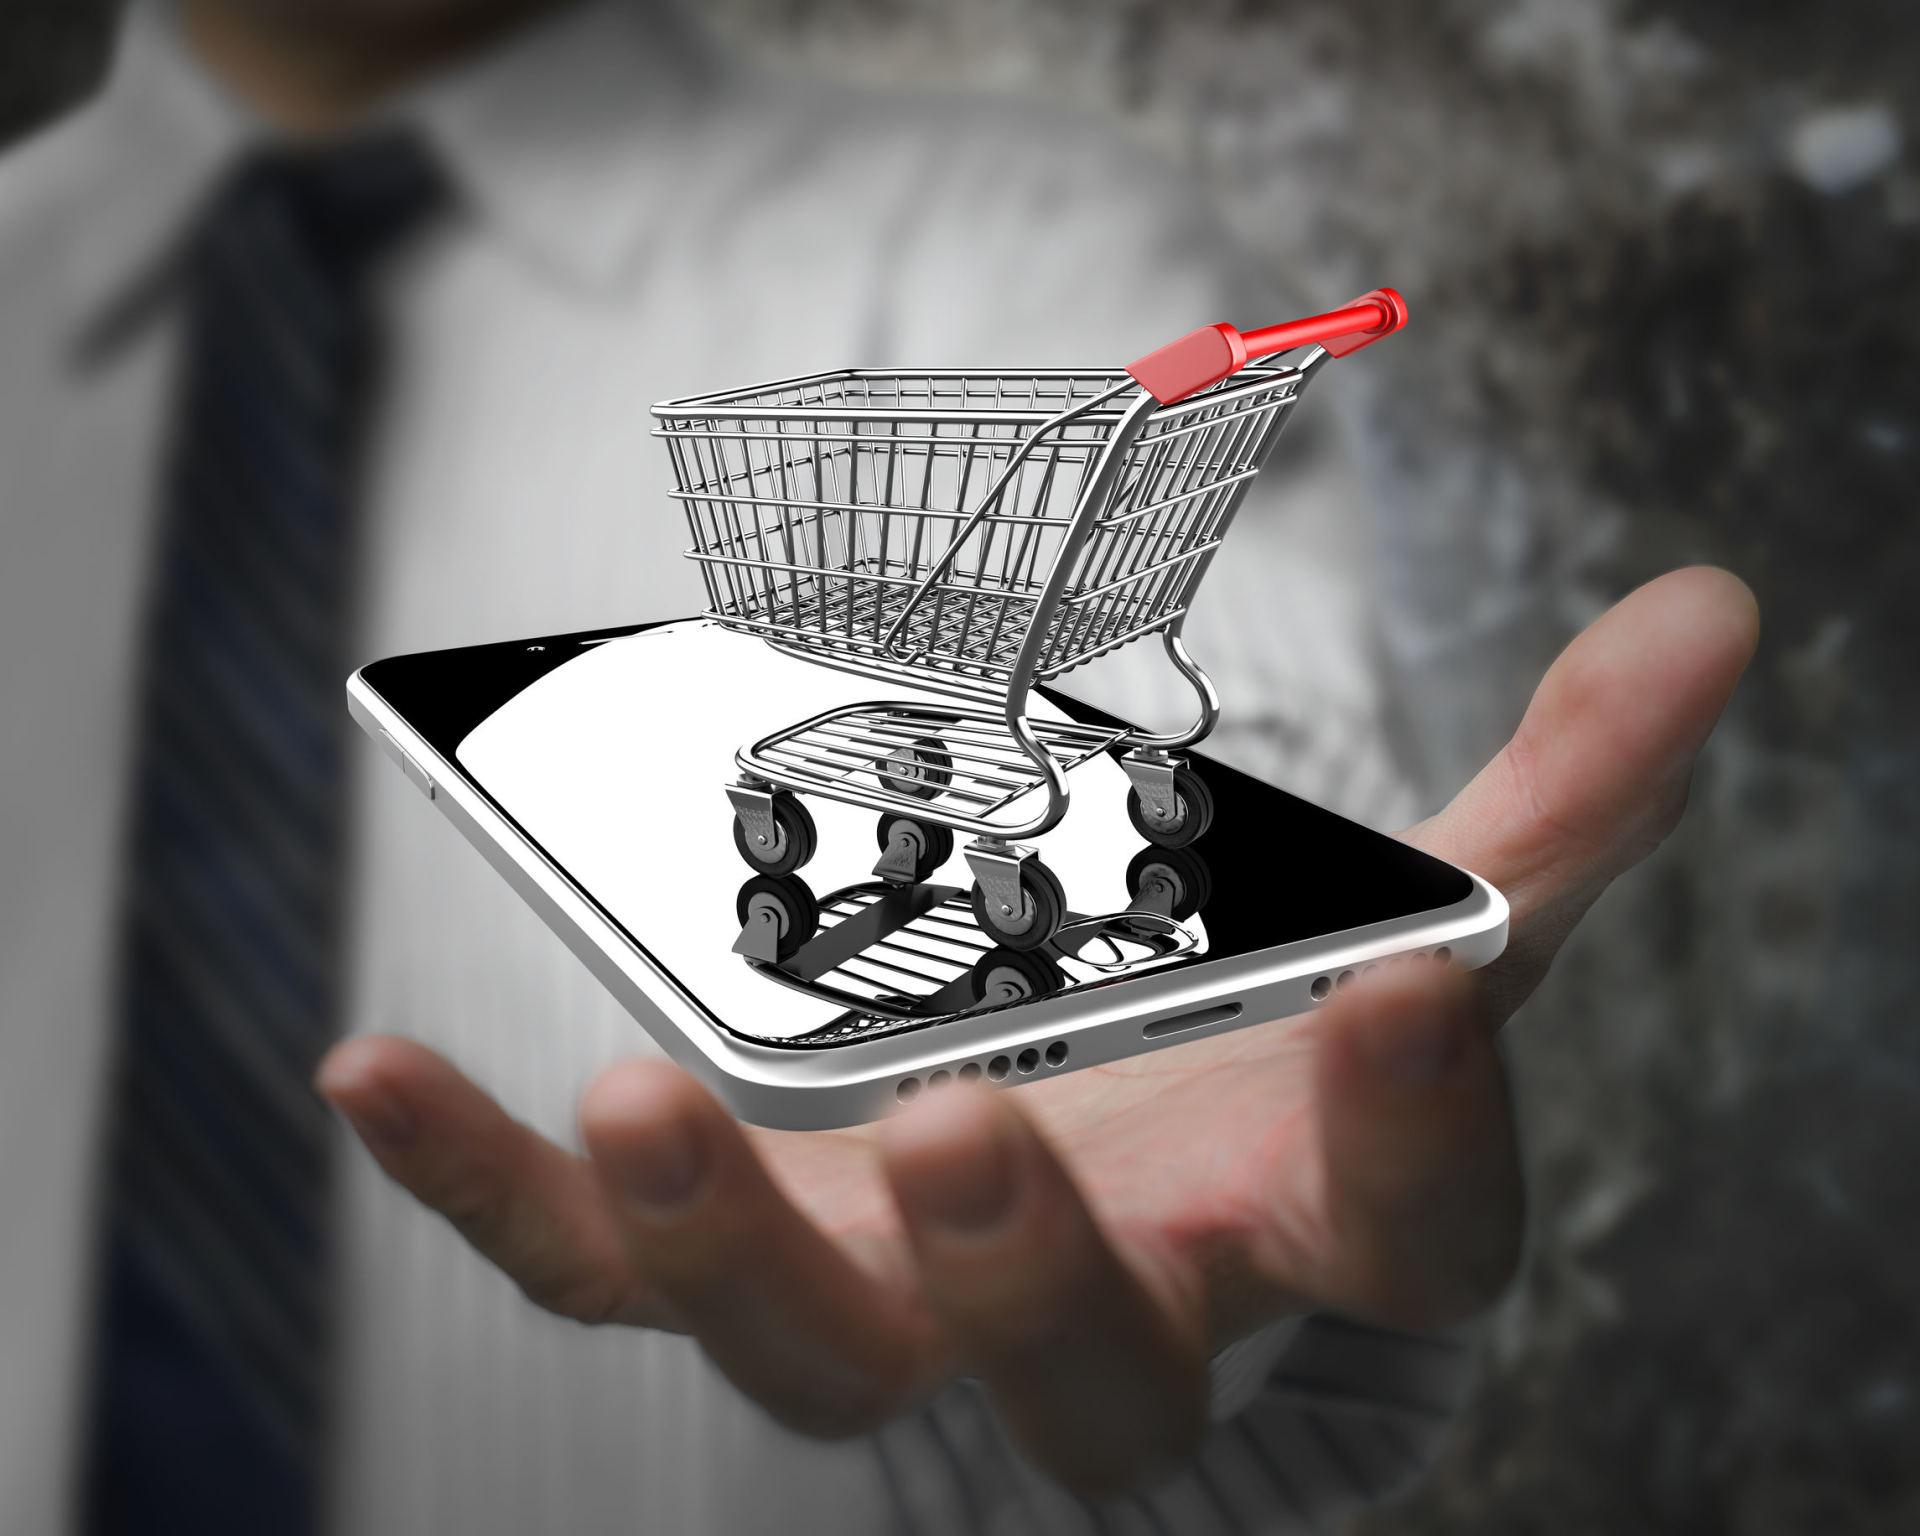 internetinė prekyba - išsamiai lgpf.lt